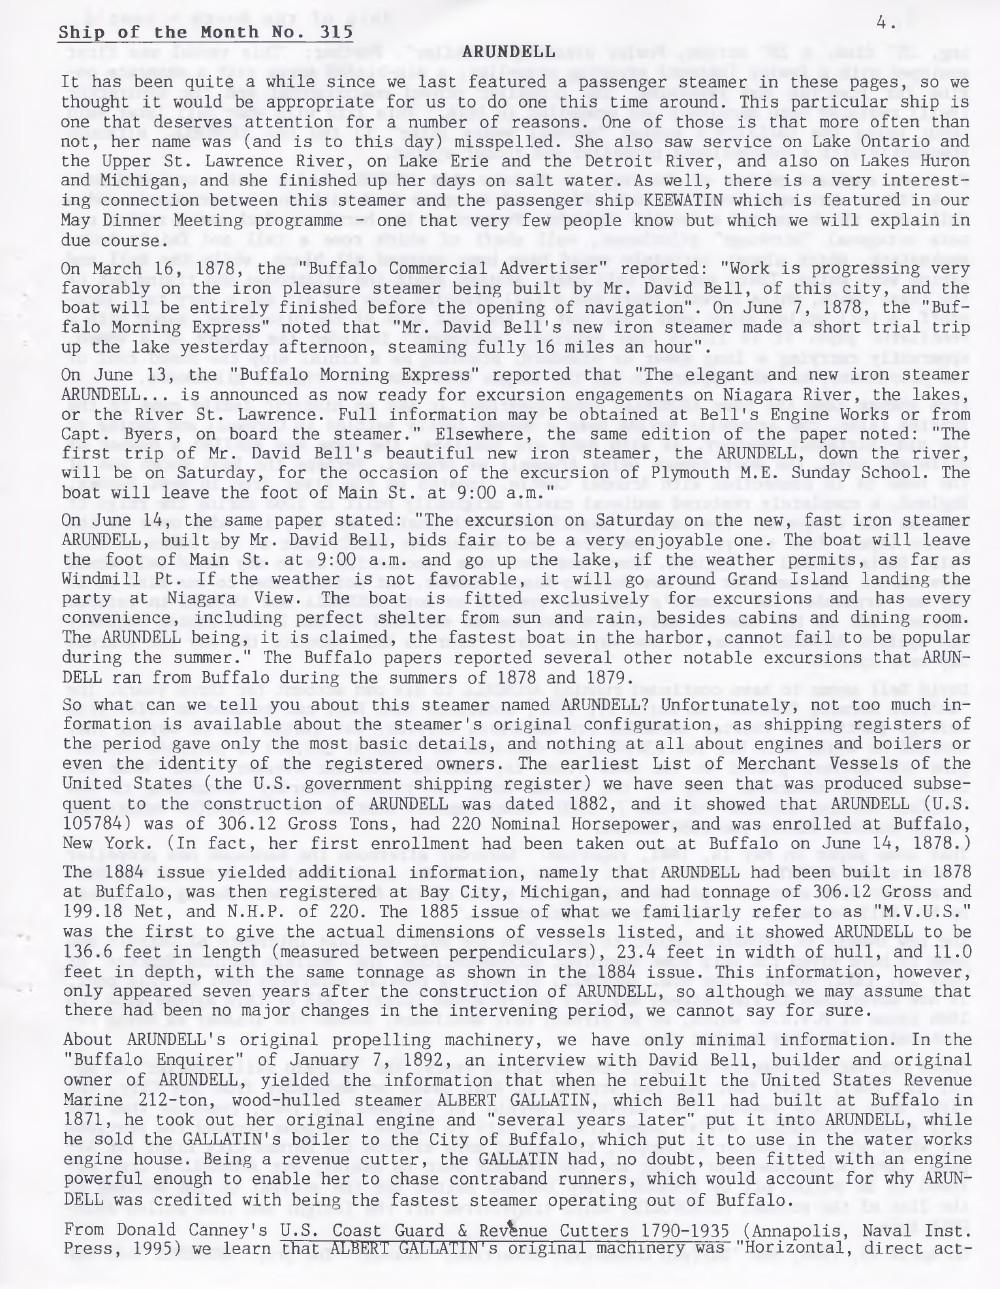 Scanner, v. 40, no. 7 (May 2008)